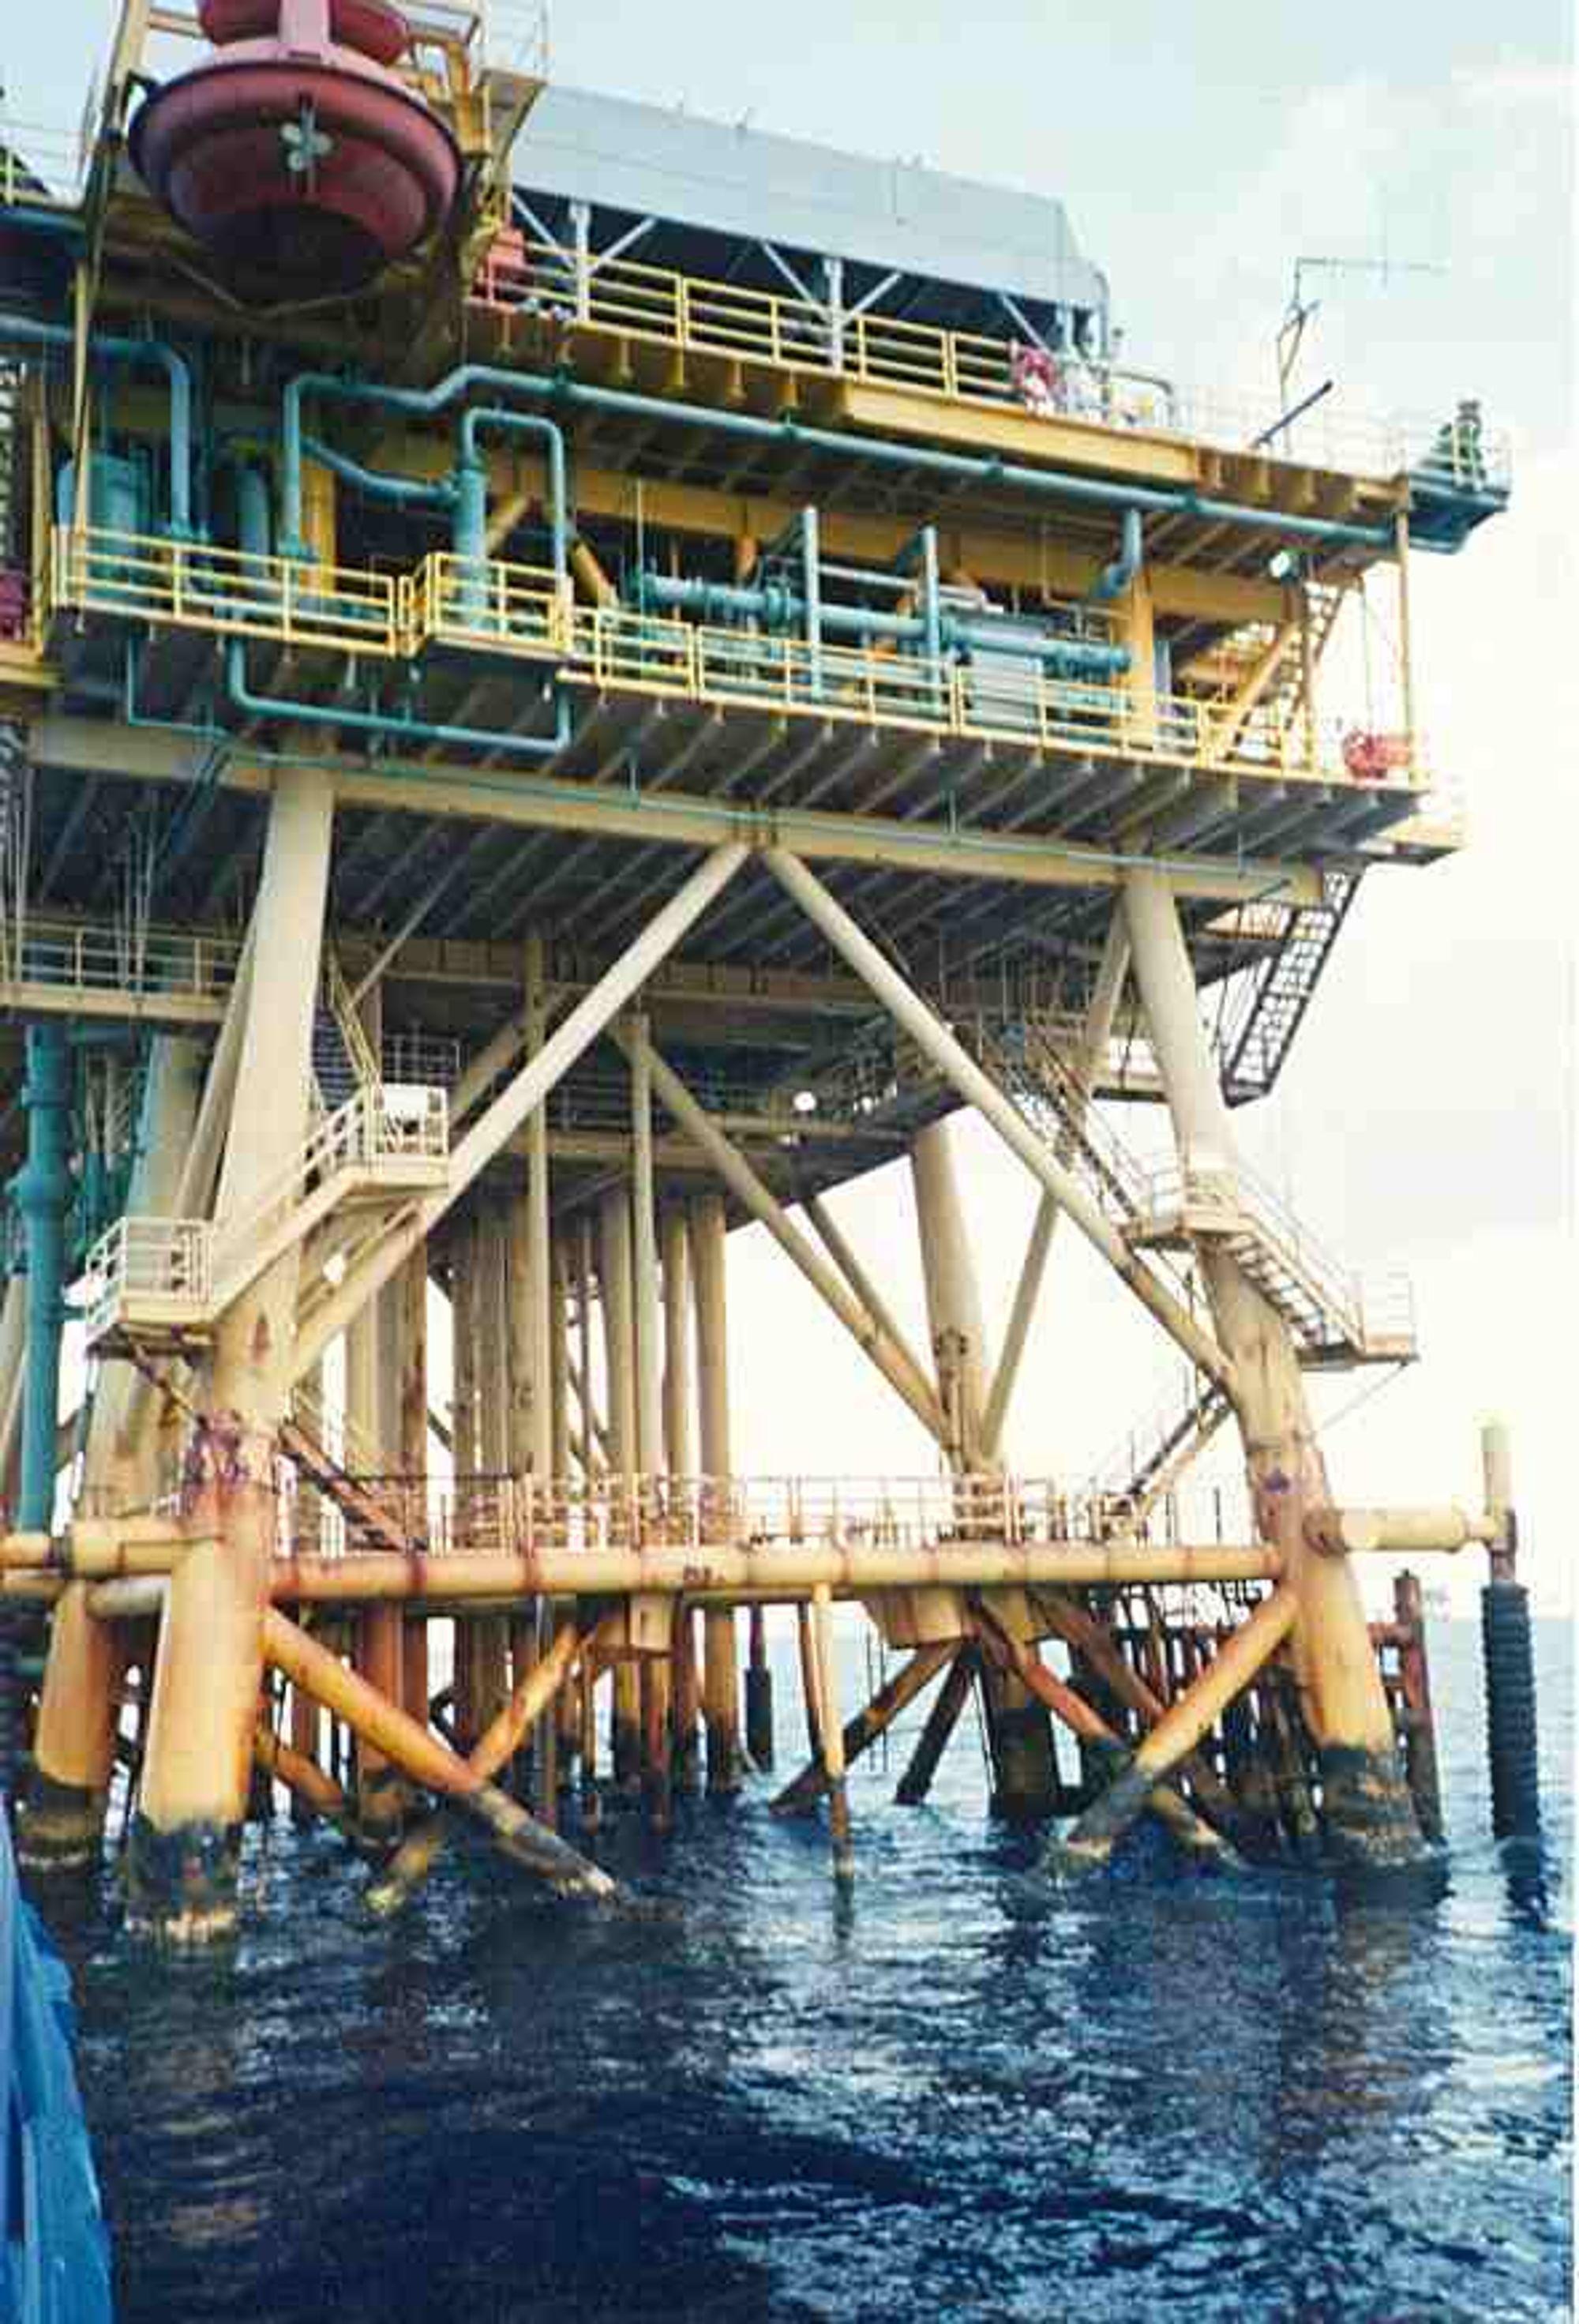 De fleste oljeinstallasjonene i Mexicogulfen er langt mindre enn i Nordsjøen og dermed mer sårbare for ekstremvær. De nærmeste står på grunt vann  i svømmeavstand fra kysten.